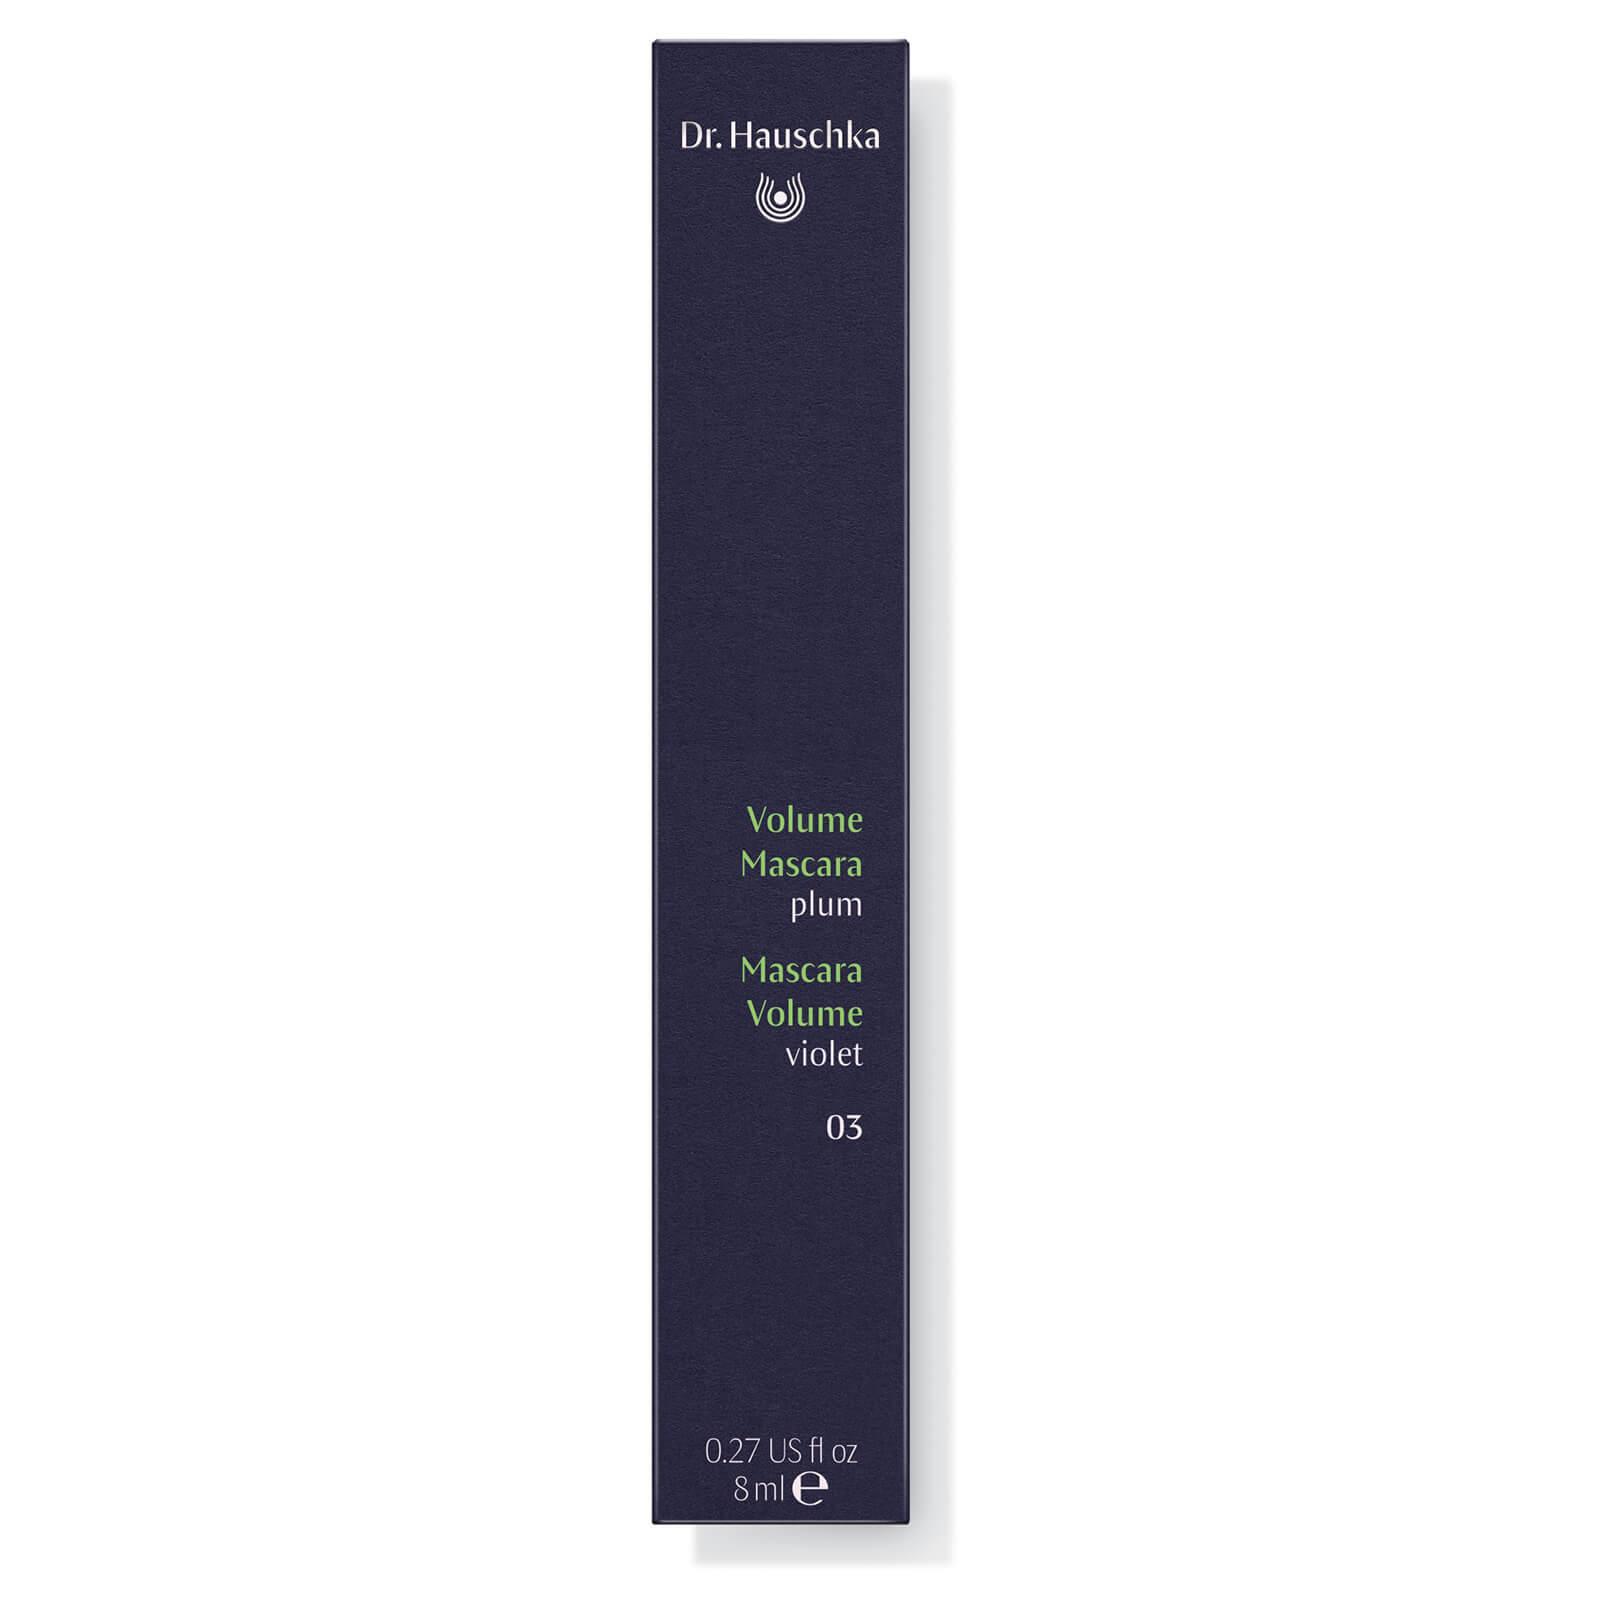 Купить Тушь для объема ресниц Dr. Hauschka Volume Mascara - 03 Plum